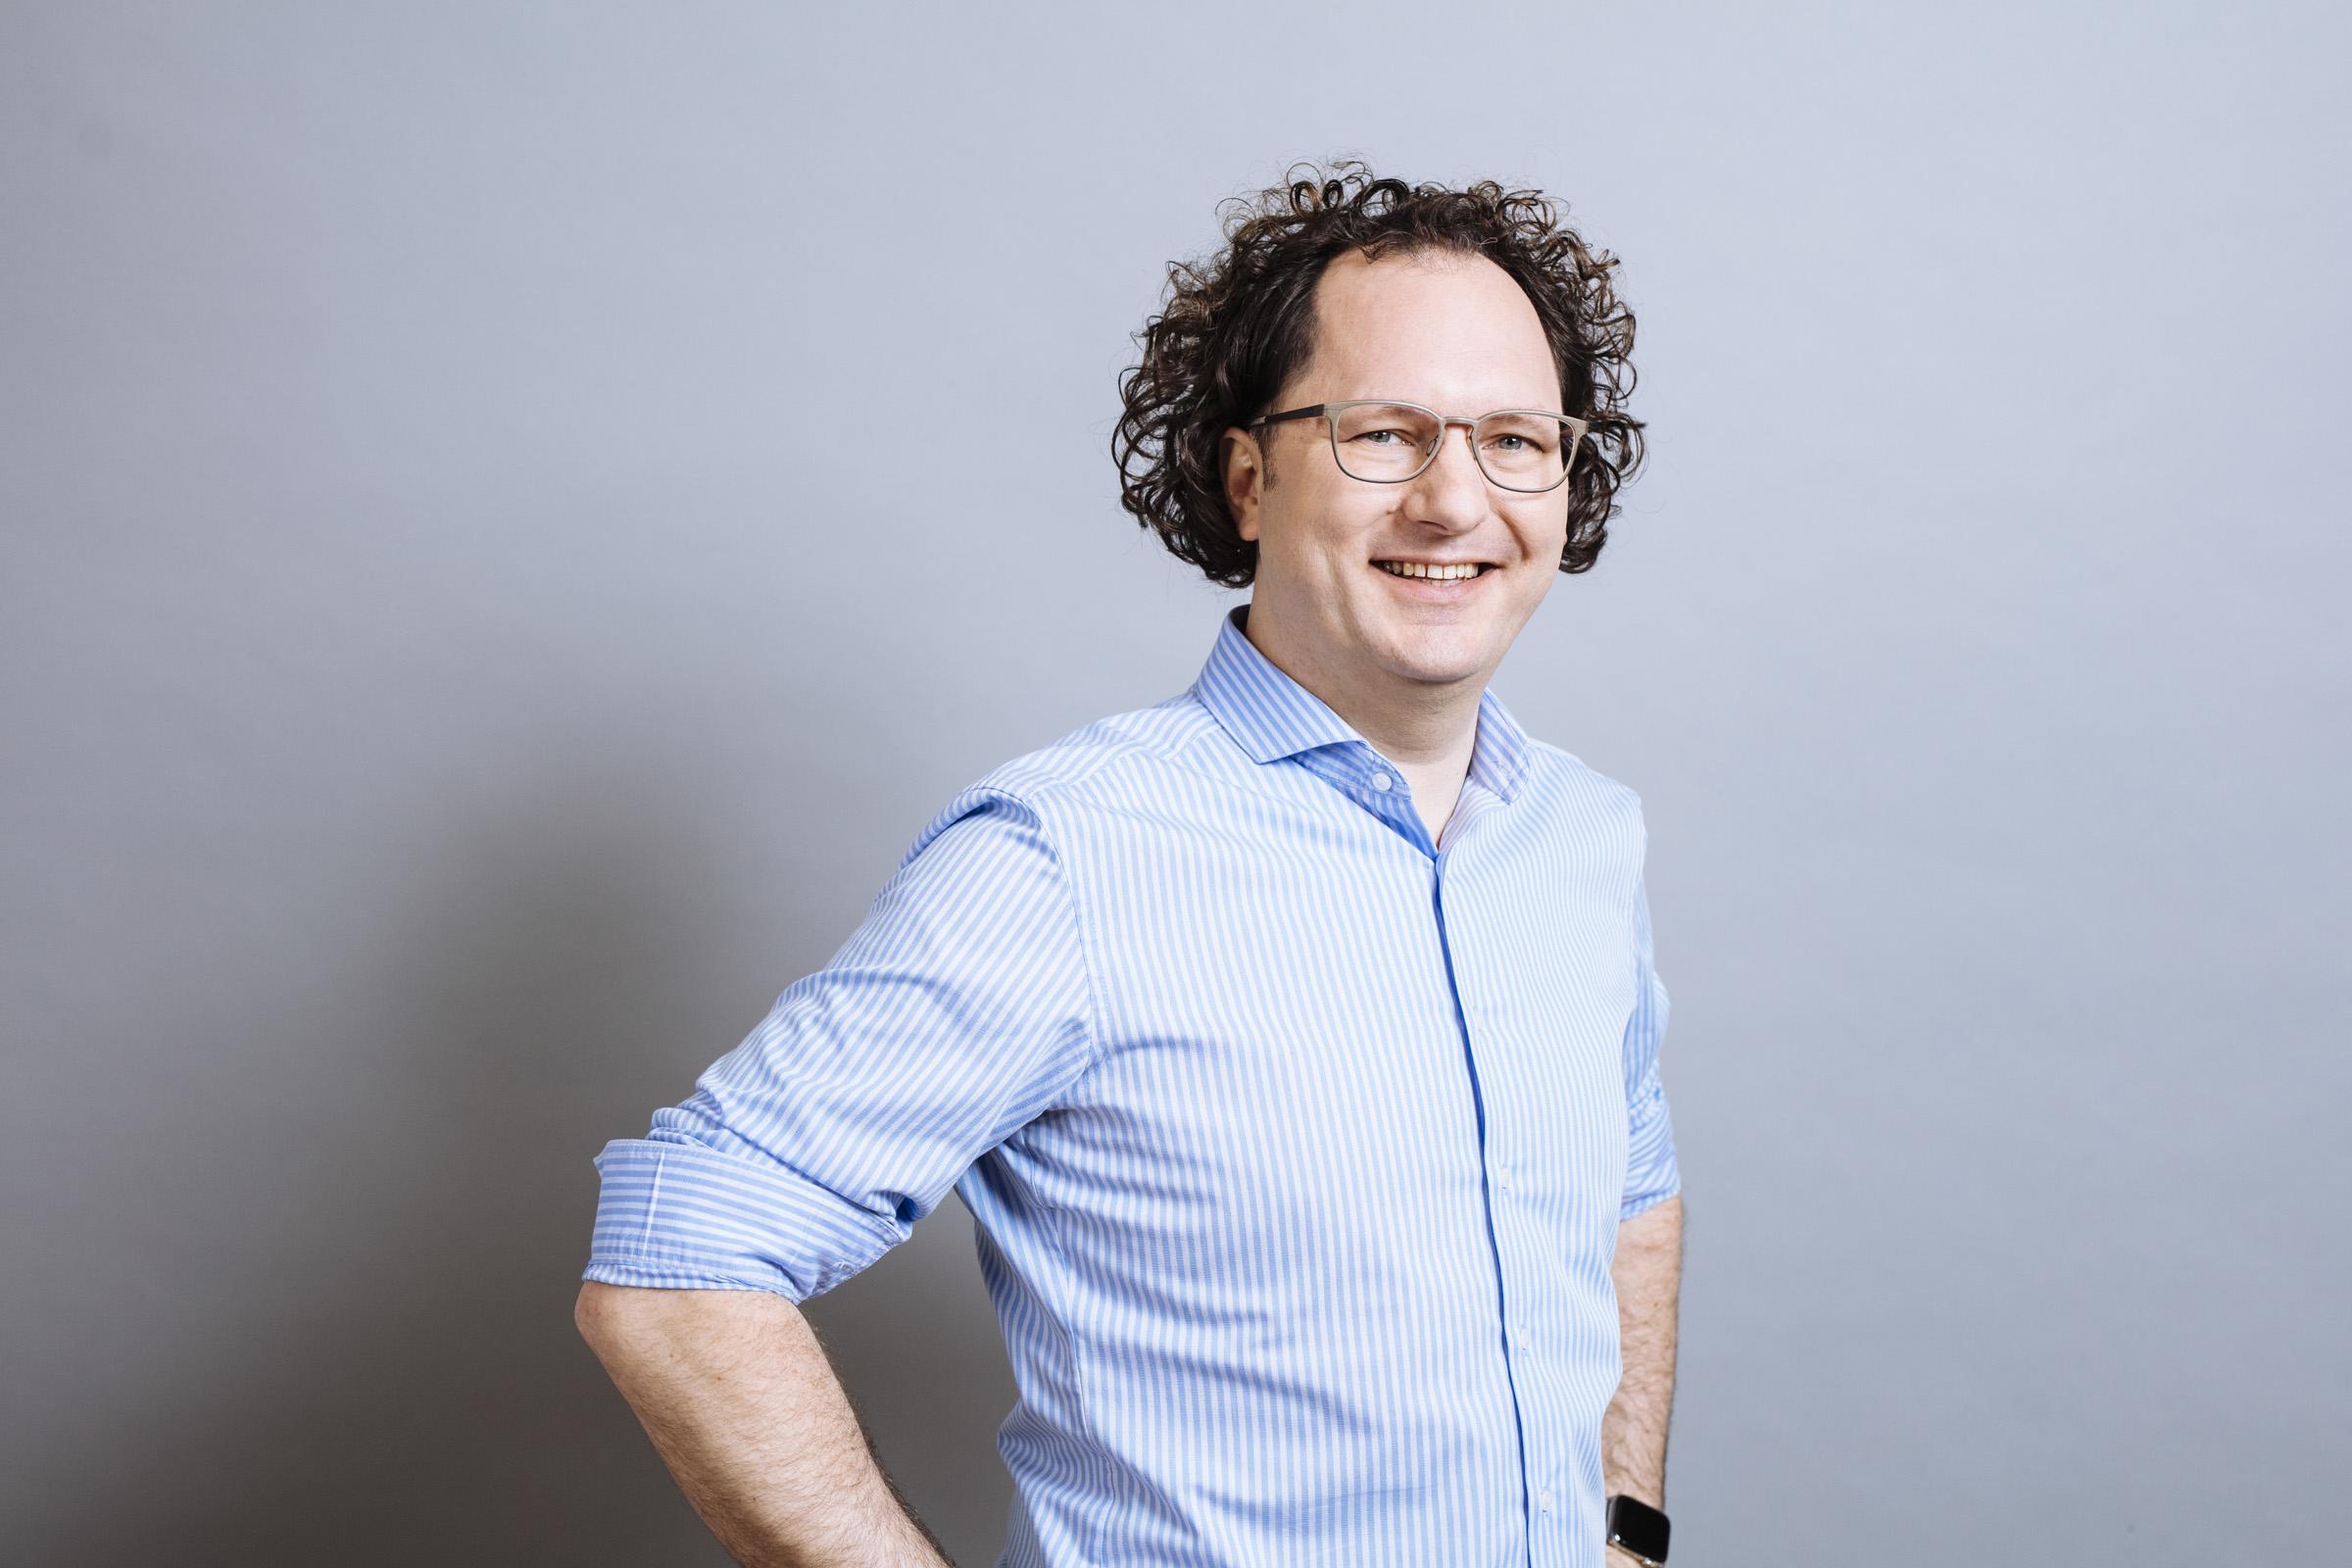 Lars Bendler